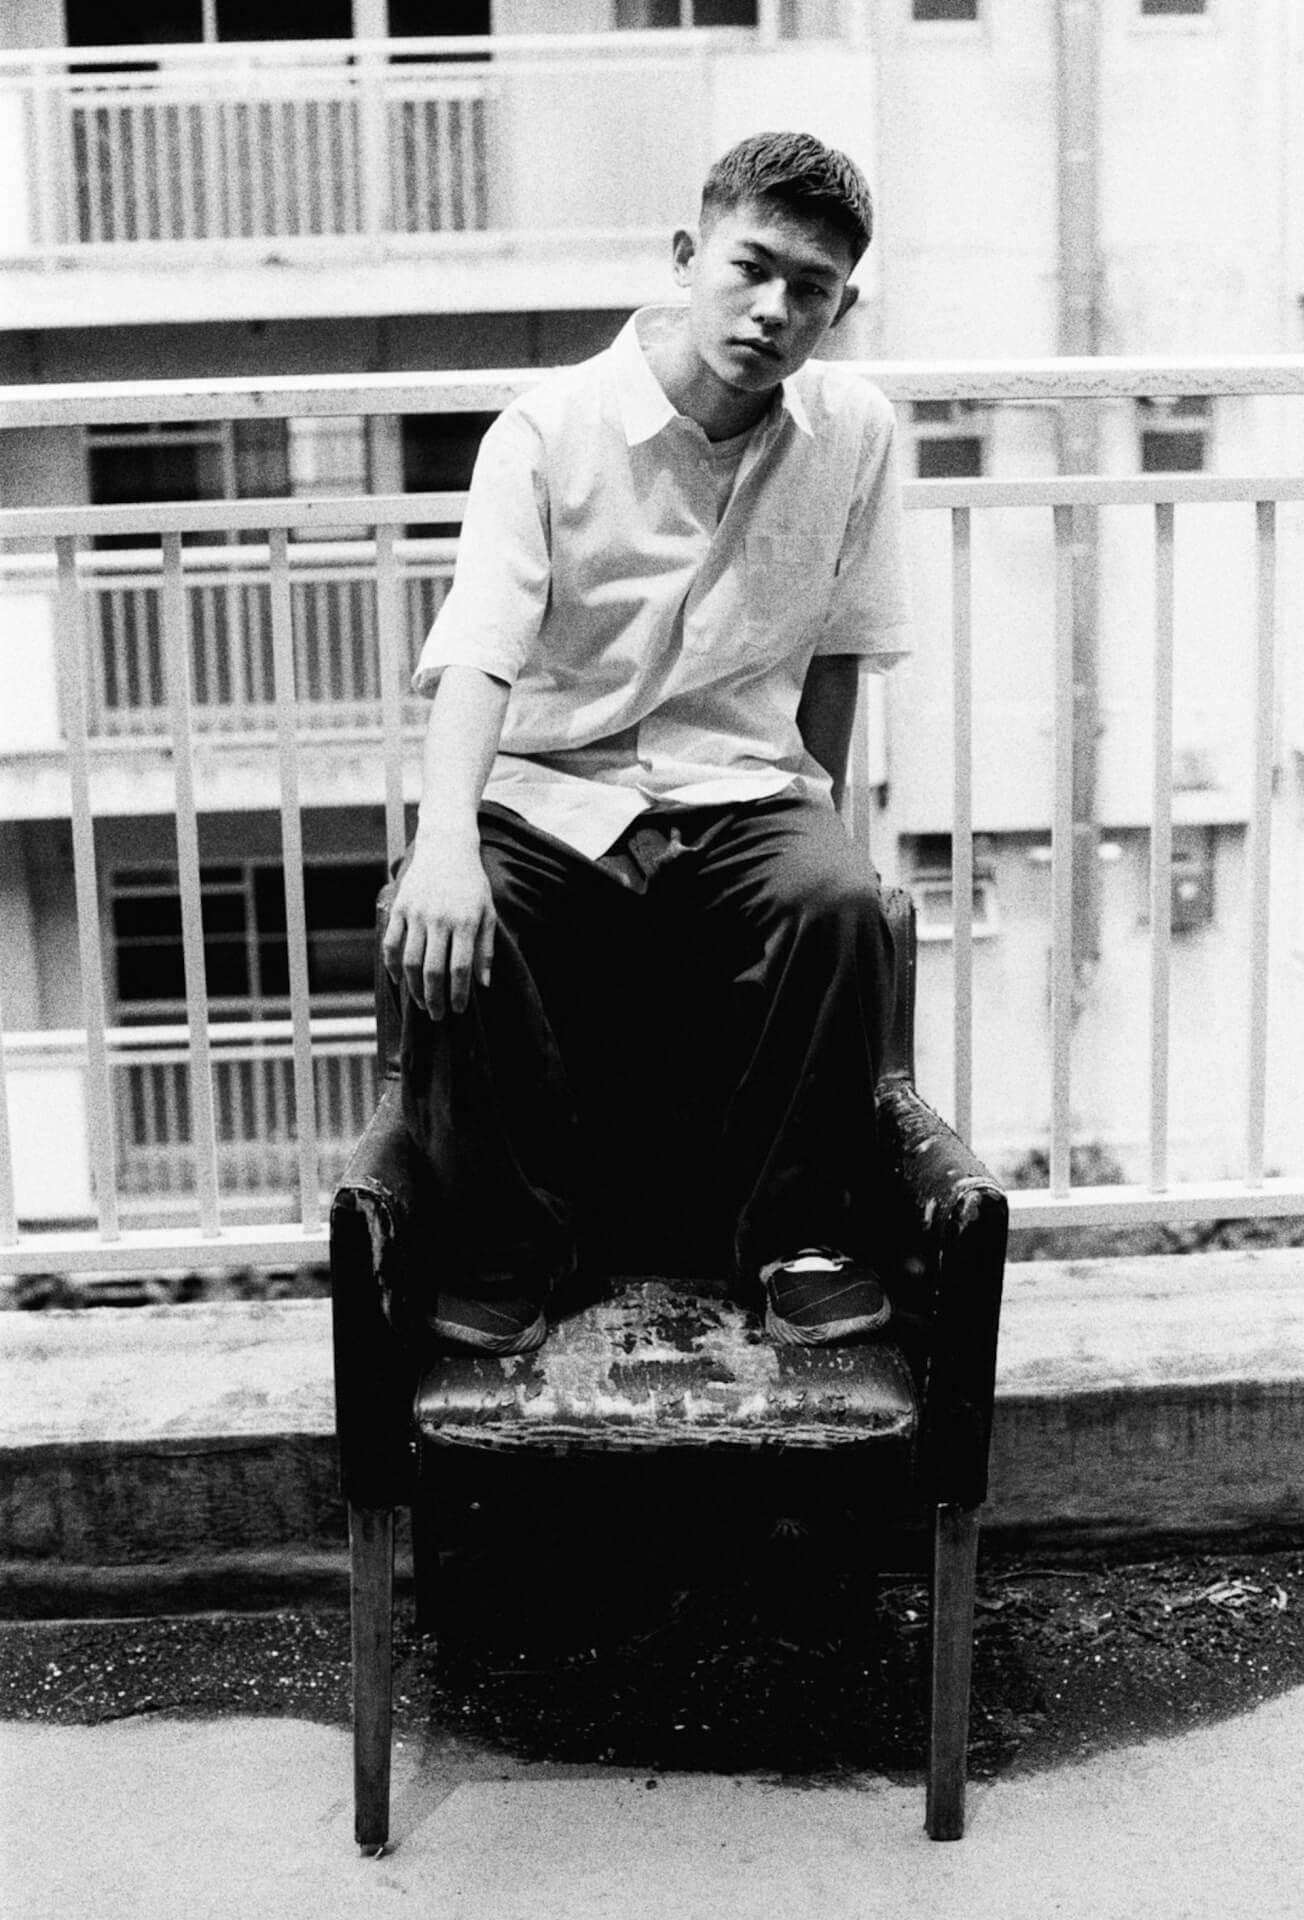 GEZANのベーシストがついに決定!18歳のヤクモアが加入「ベース一本背負って上京しました」 music210521_gezan_3